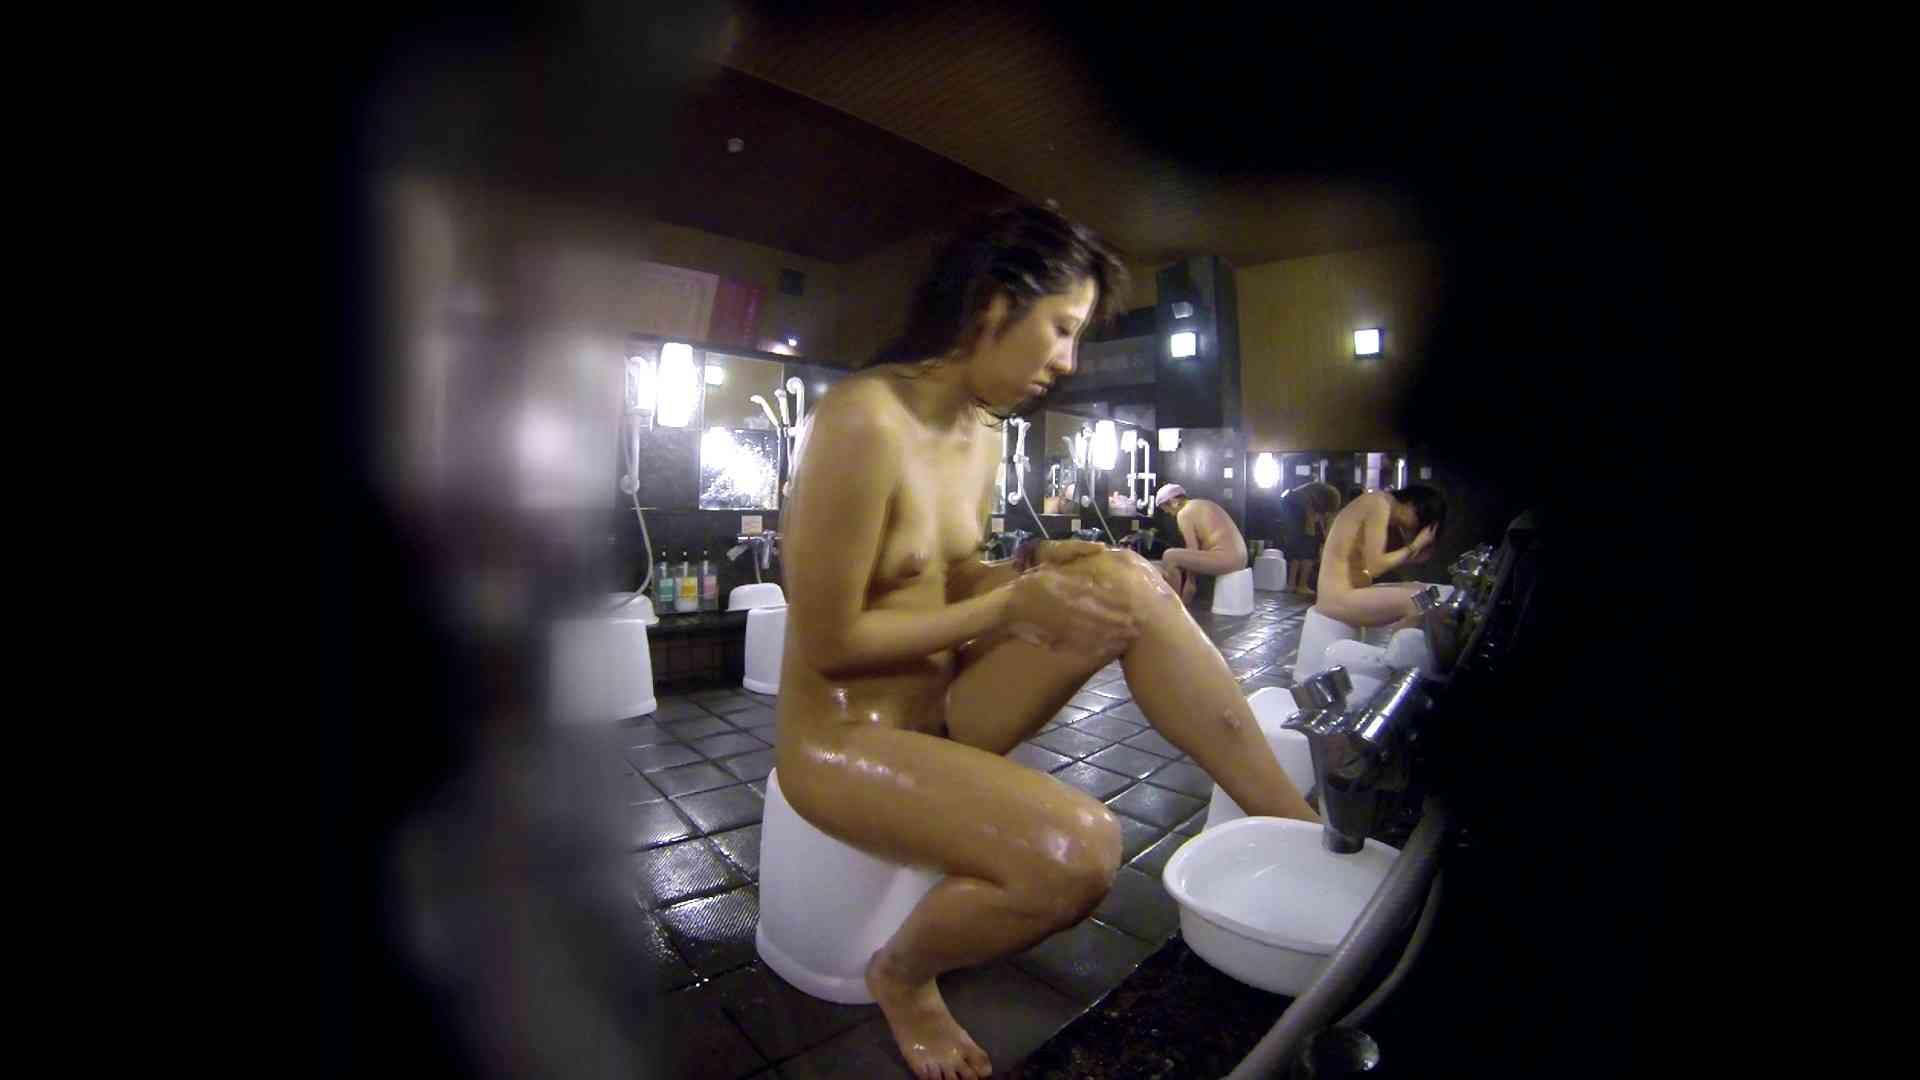 ヤリマンのオマンコ:洗い場!綺麗に整えられた陰毛に嫉妬します。:怪盗ジョーカー